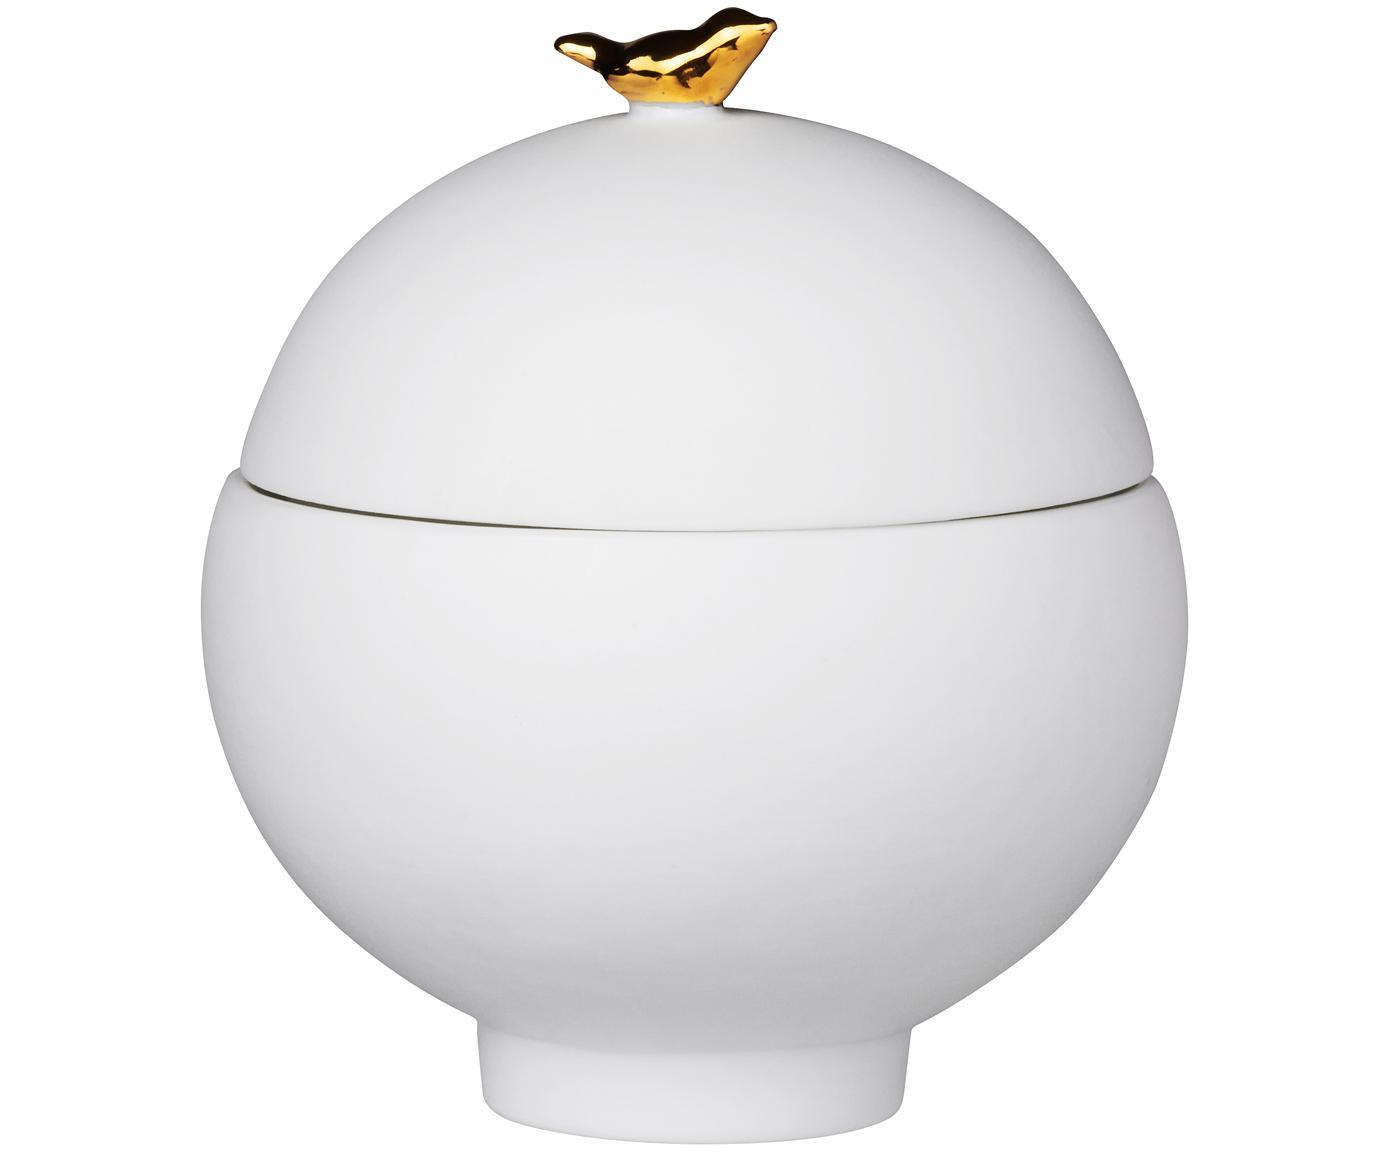 Bote decorativo Vogel, Porcelana, Blanco, Ø 7 x Al 8 cm